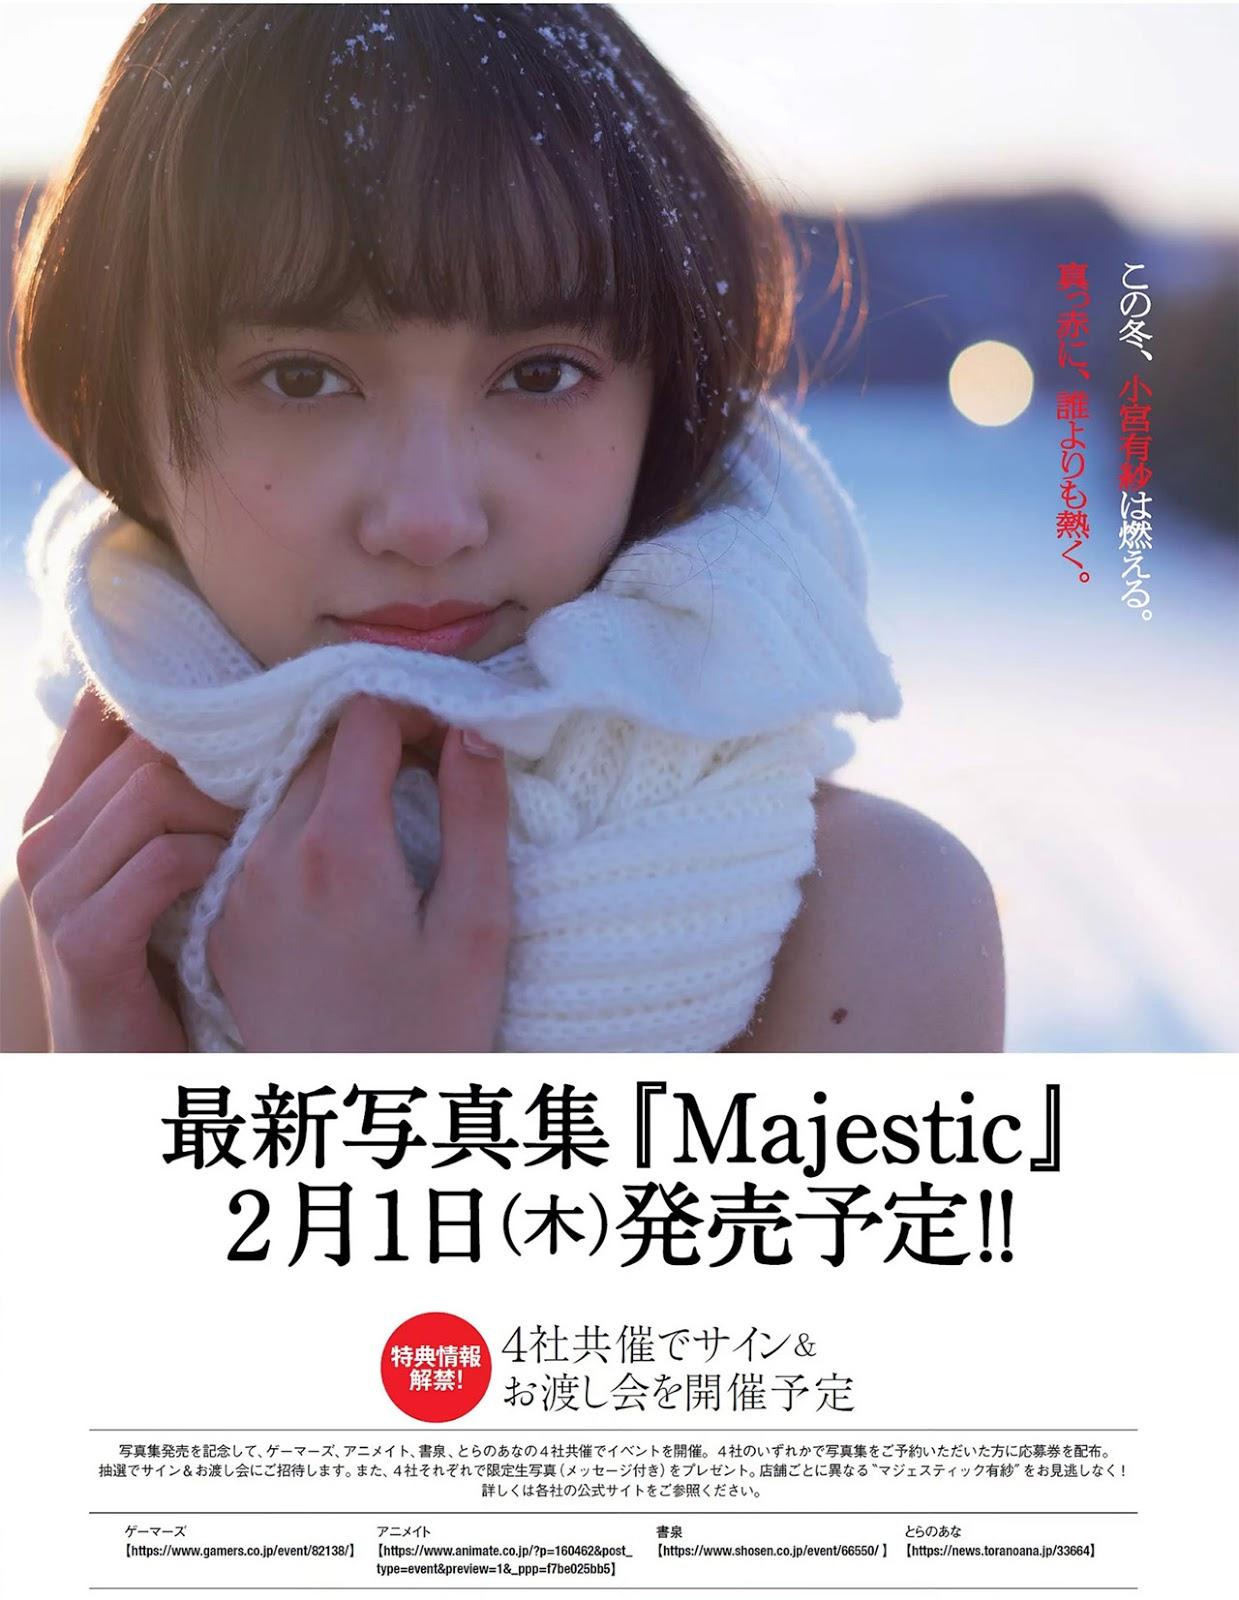 Arisa Komiya 小宮有紗, Weekly Playboy 2018.01.08 No.01 (週刊プレイボーイ 2017年1月8日号)